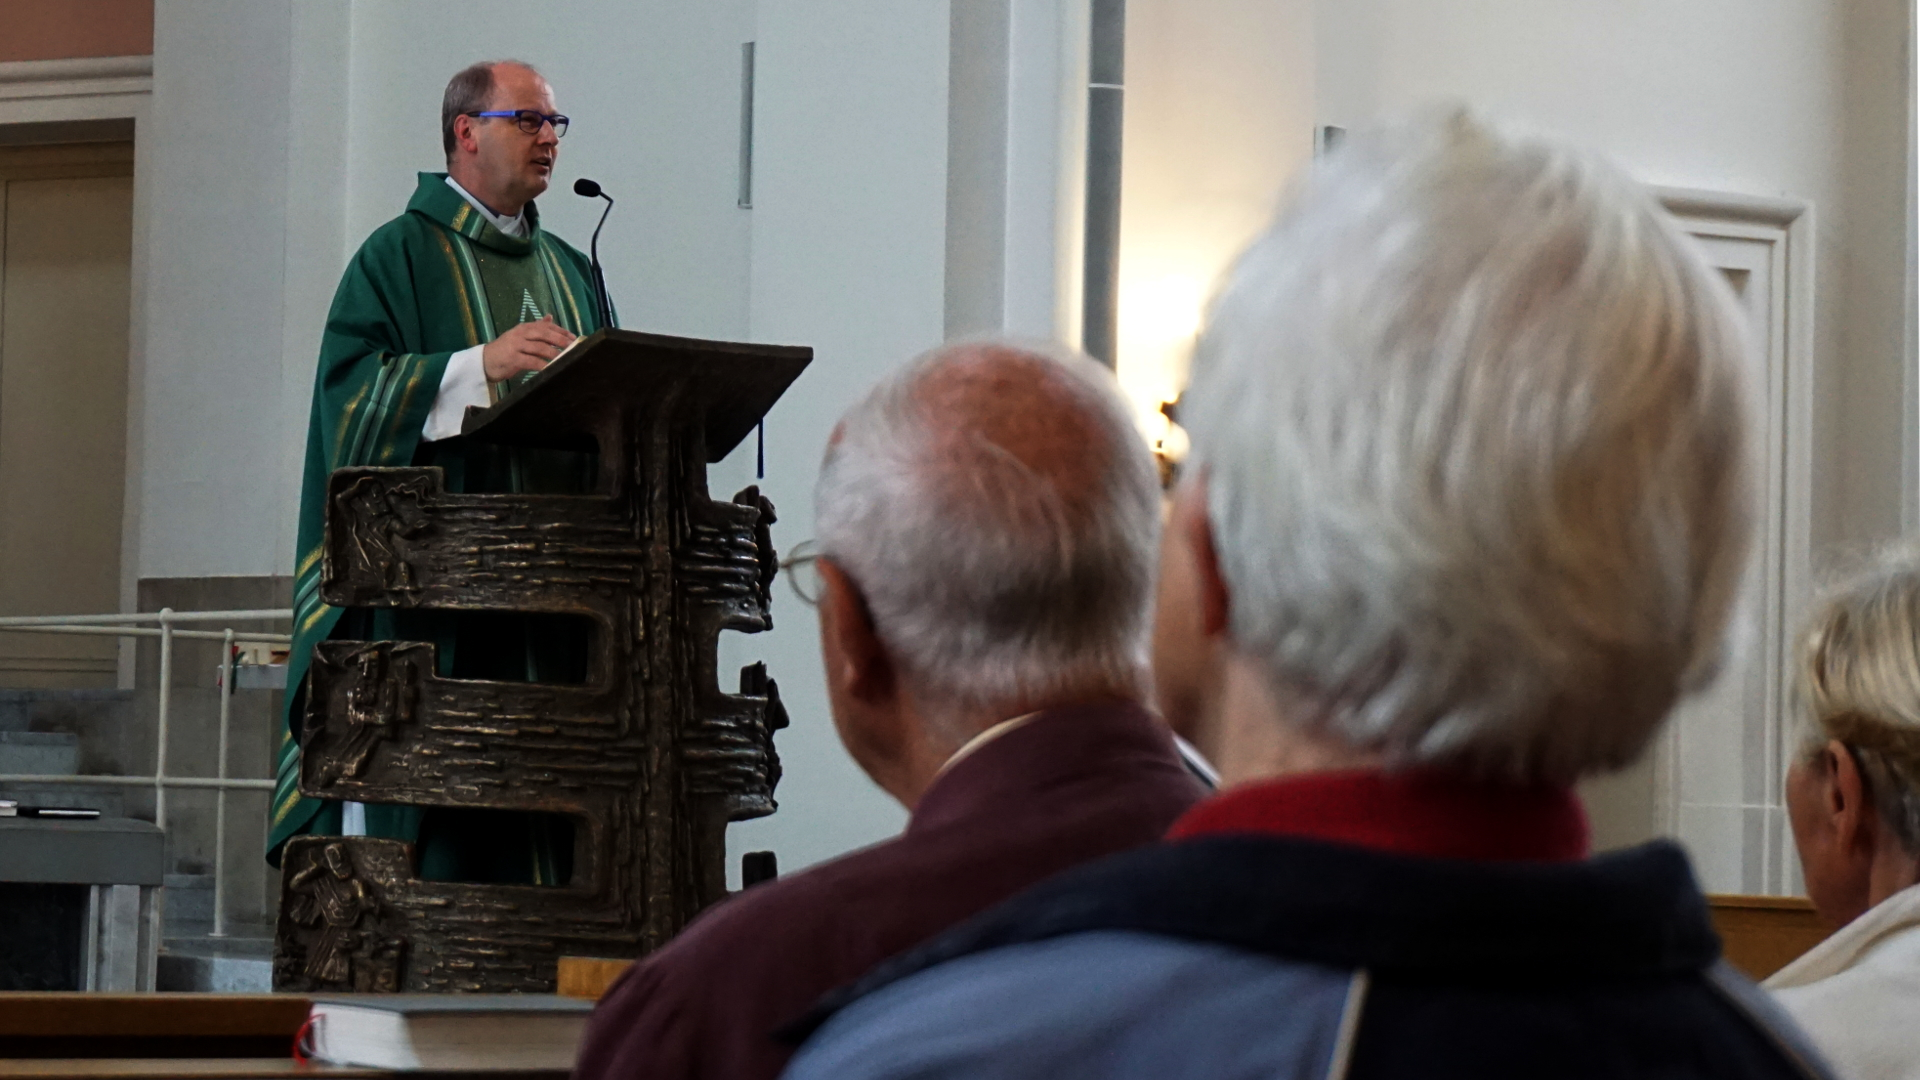 Predigt des Propst im Hochamt St. Clemens, Hannover — Experiment